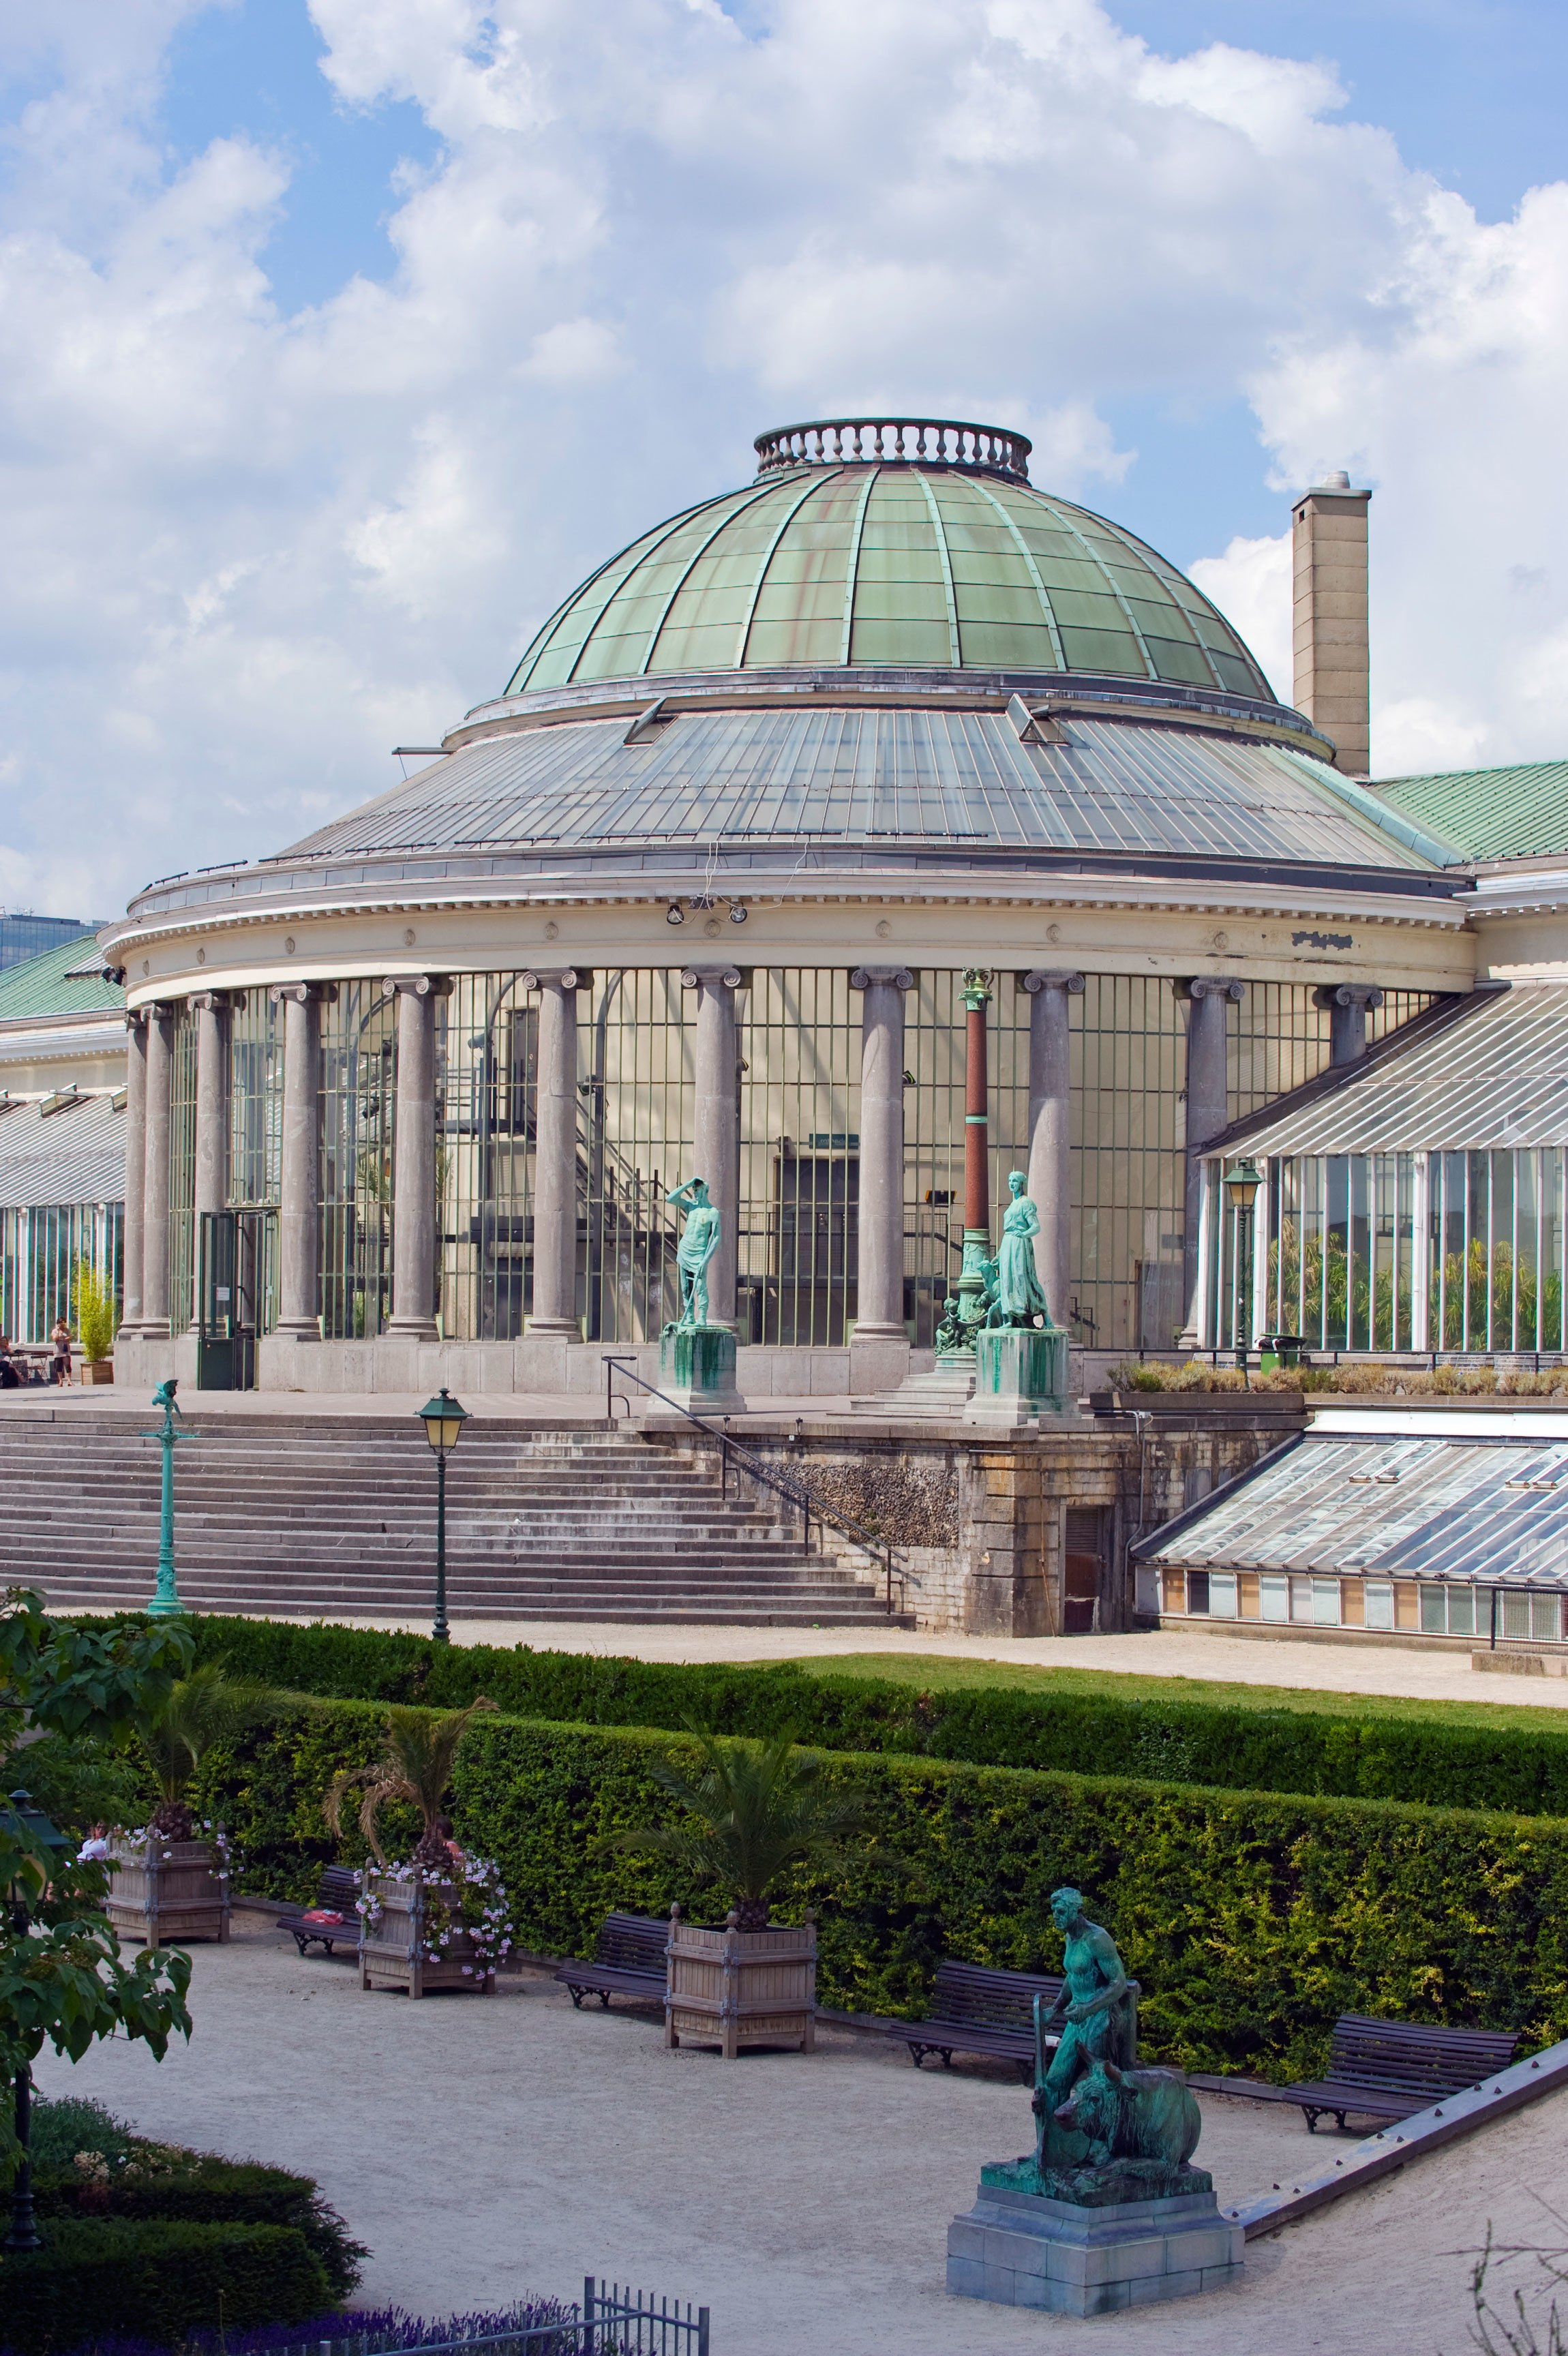 6-jardim-botânico-de-bruxelas-bélgica